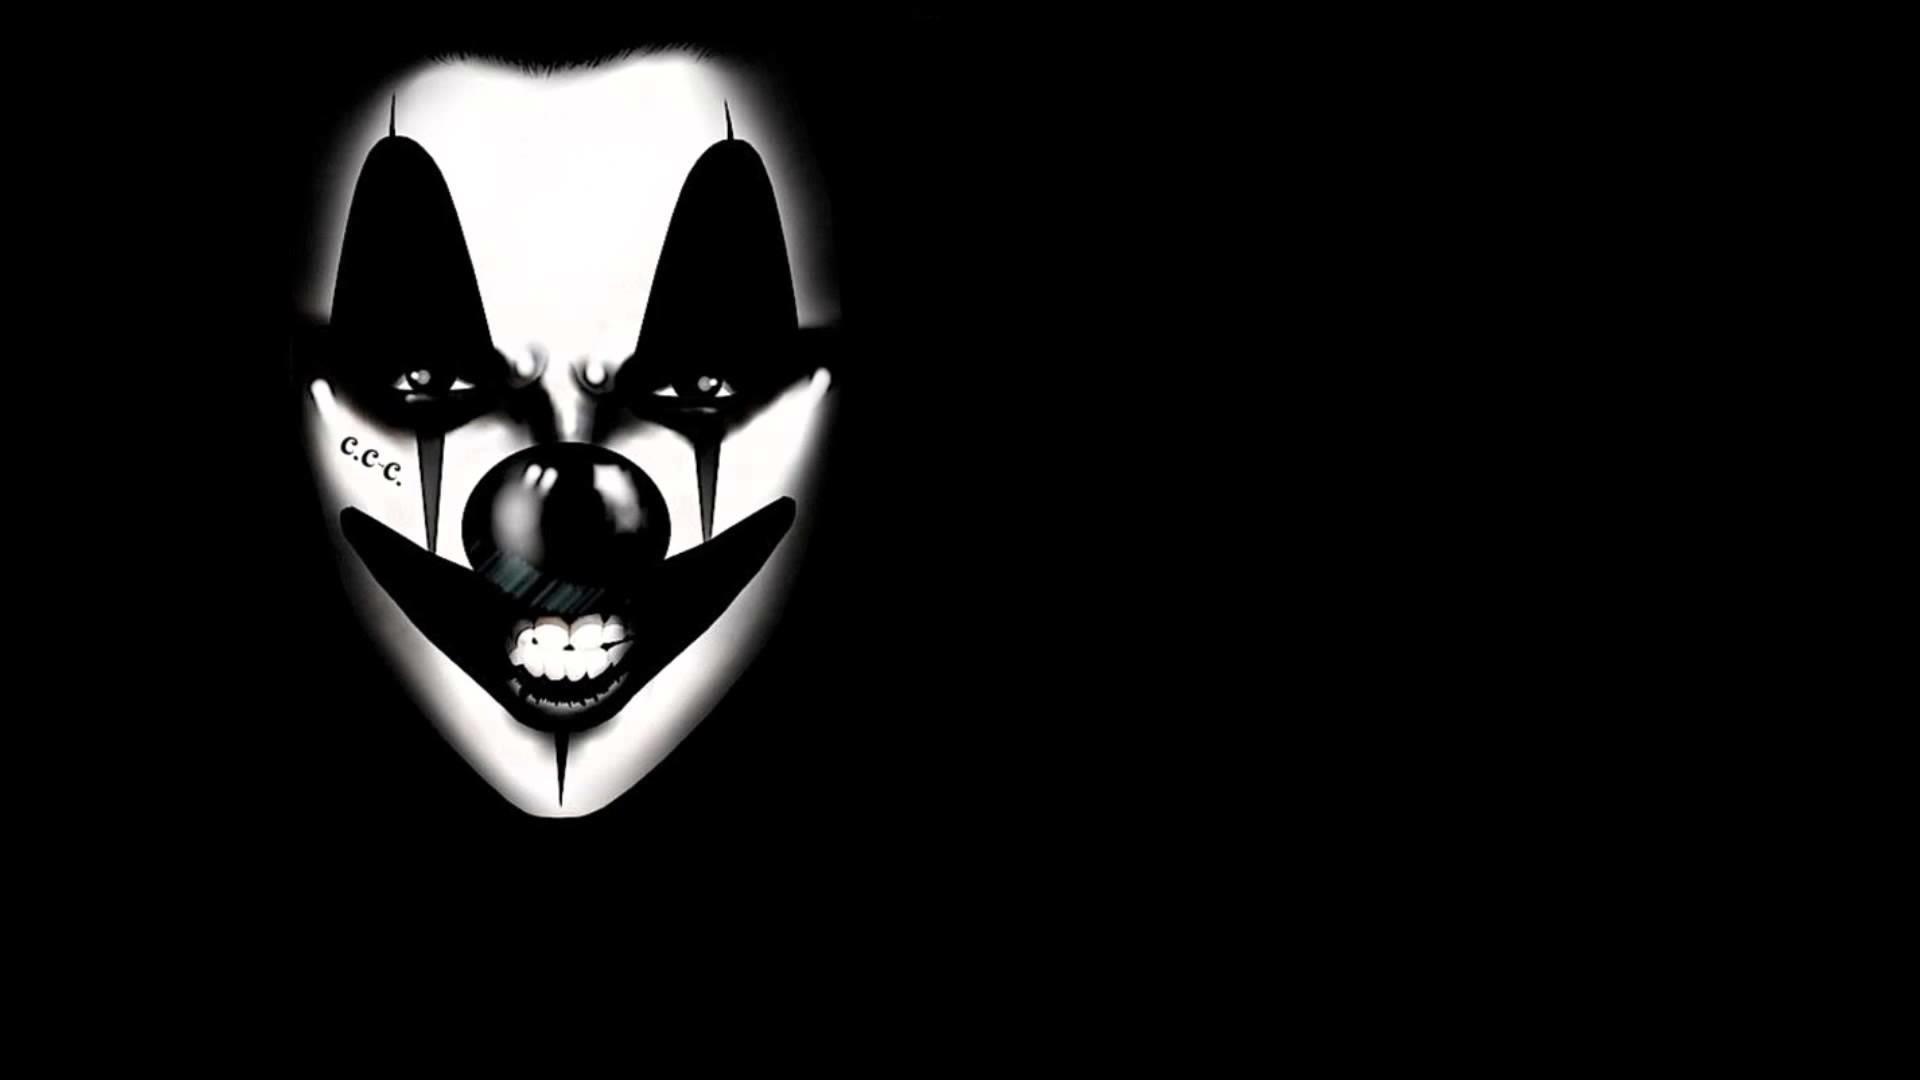 Joker Evil Smile Wallpapers - Wallpaper Cave